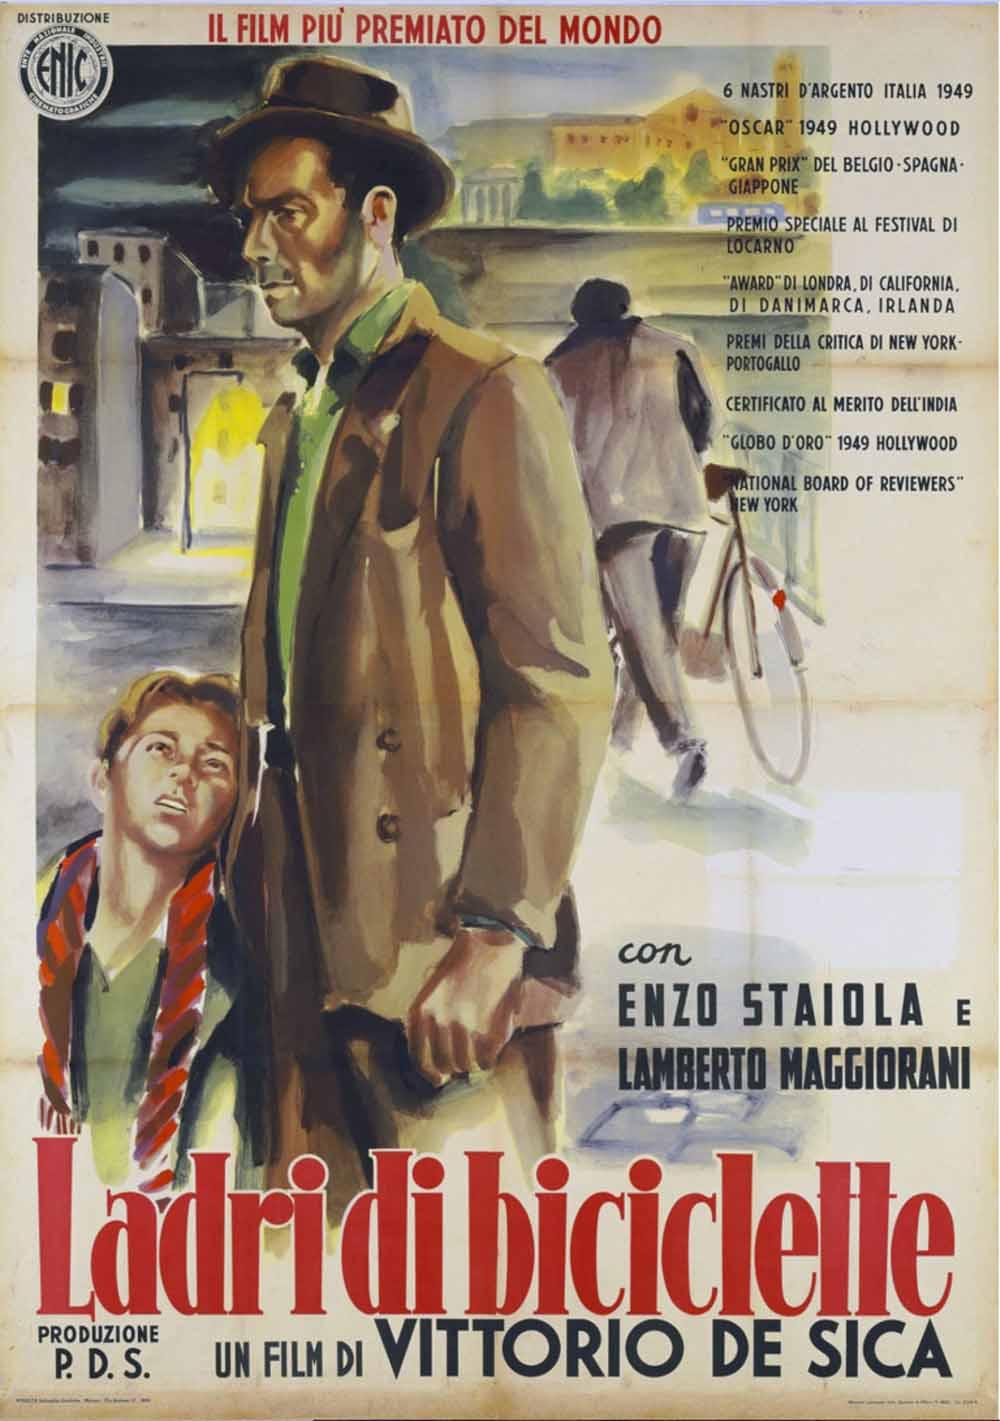 1948 - Ladri di biciclette